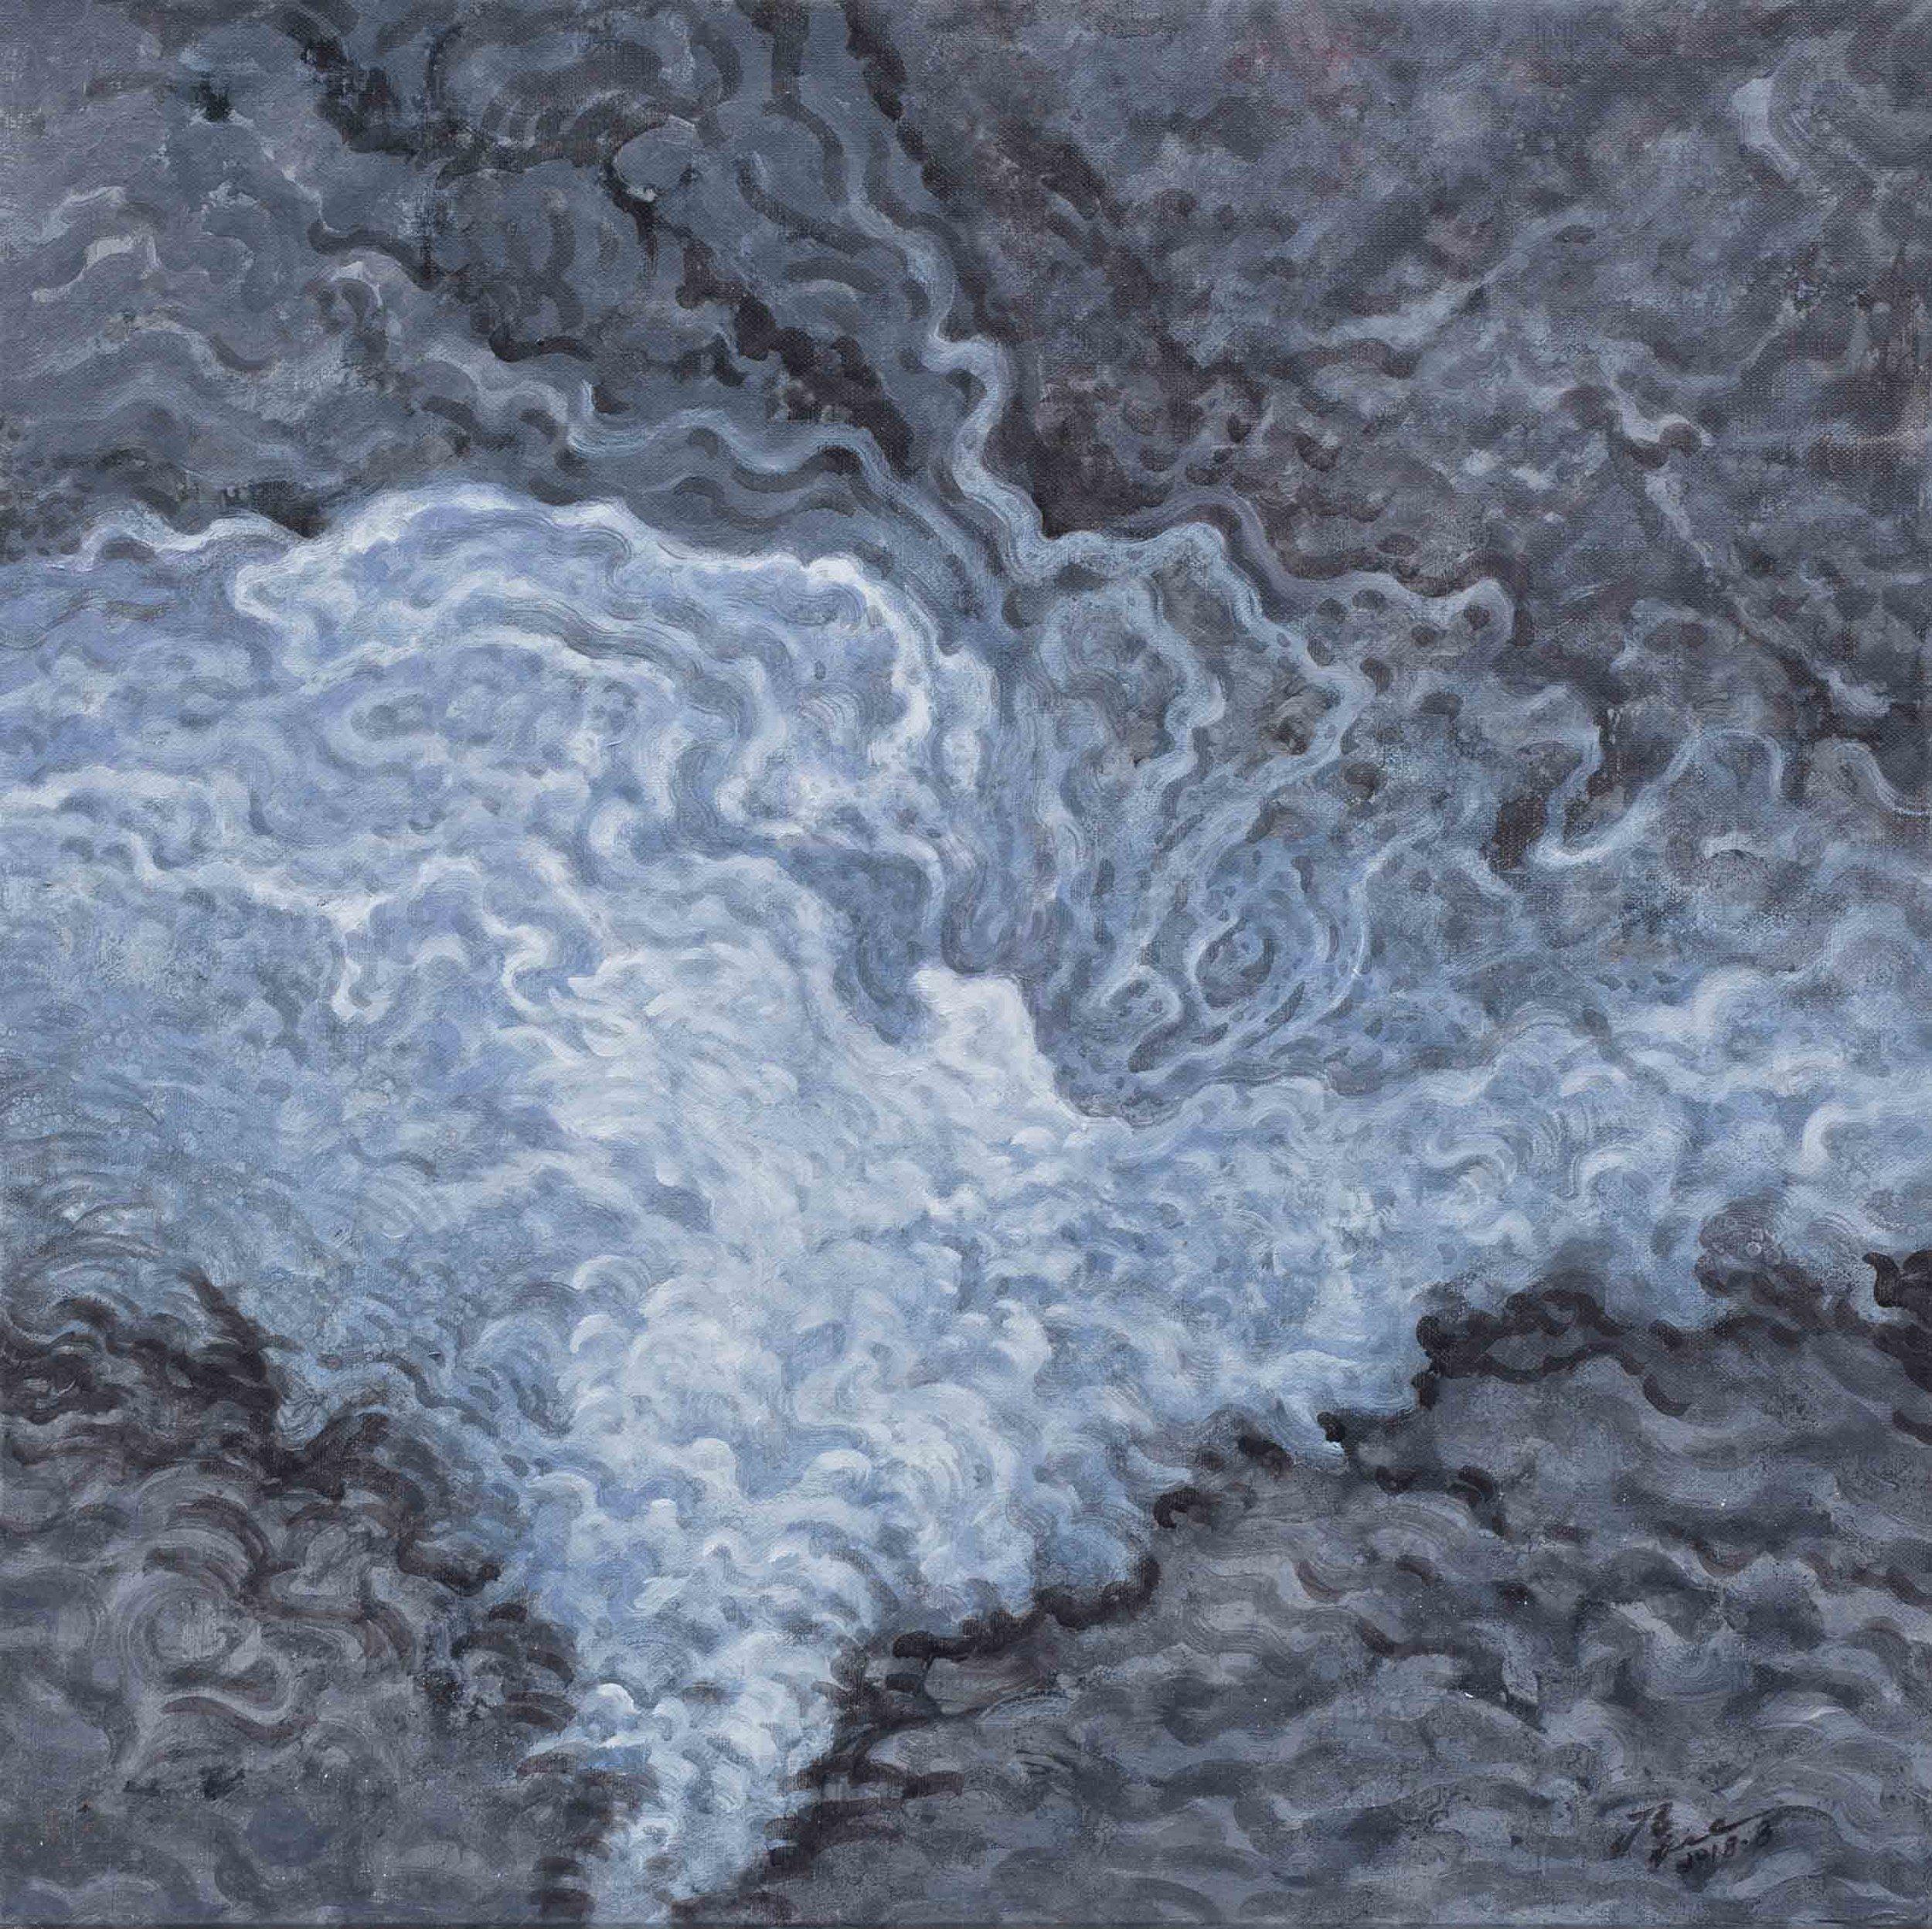 侯俊杰 HOU Junjie〈上善若水·觀瀾 NO.6 The Supreme Good is Like Water-Observing Ripples NO.6〉